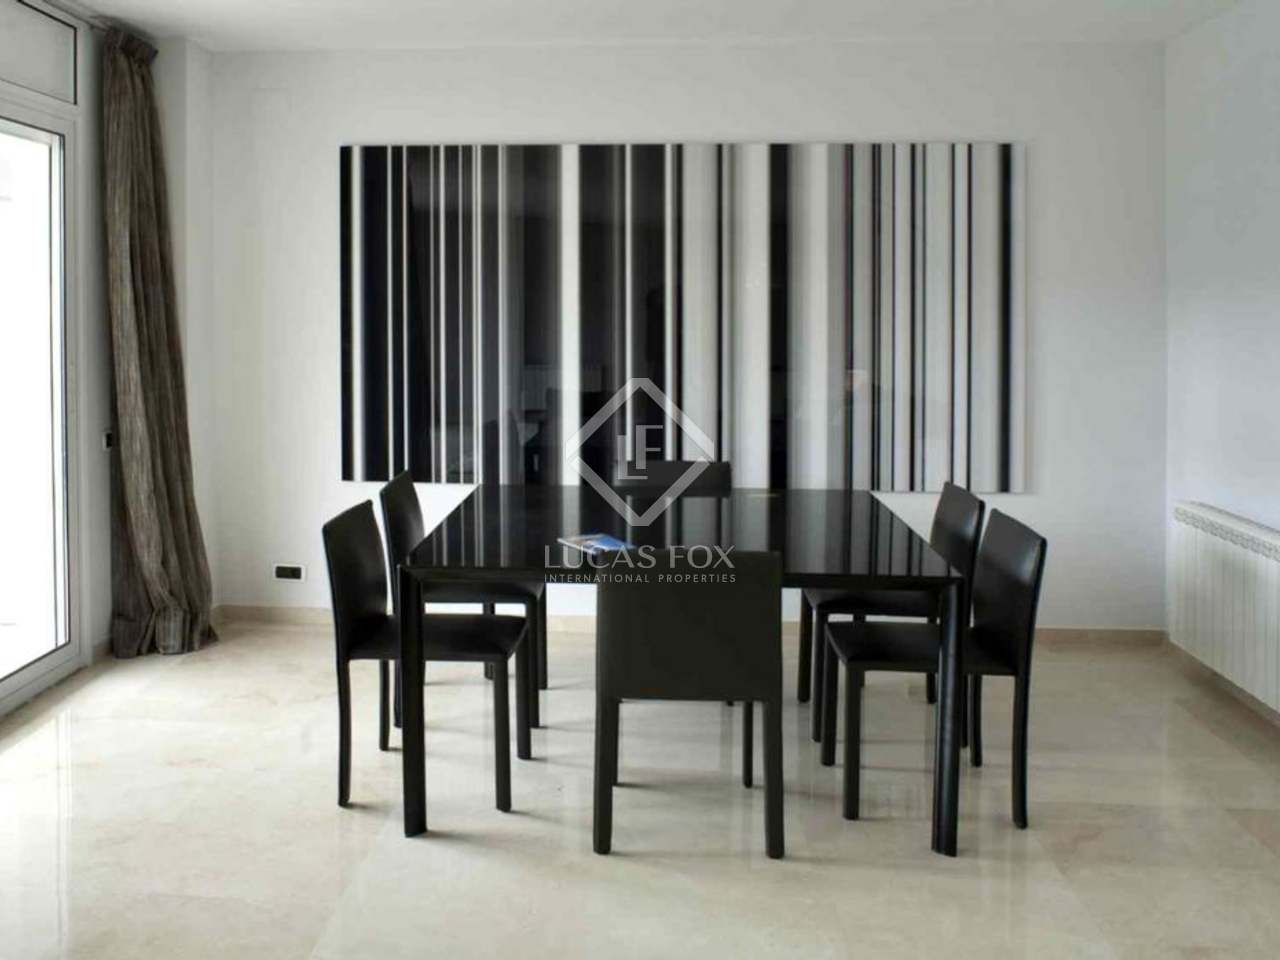 Appartement de luxe vendre parc del mar sitges - Appartement de standing burgos design ...